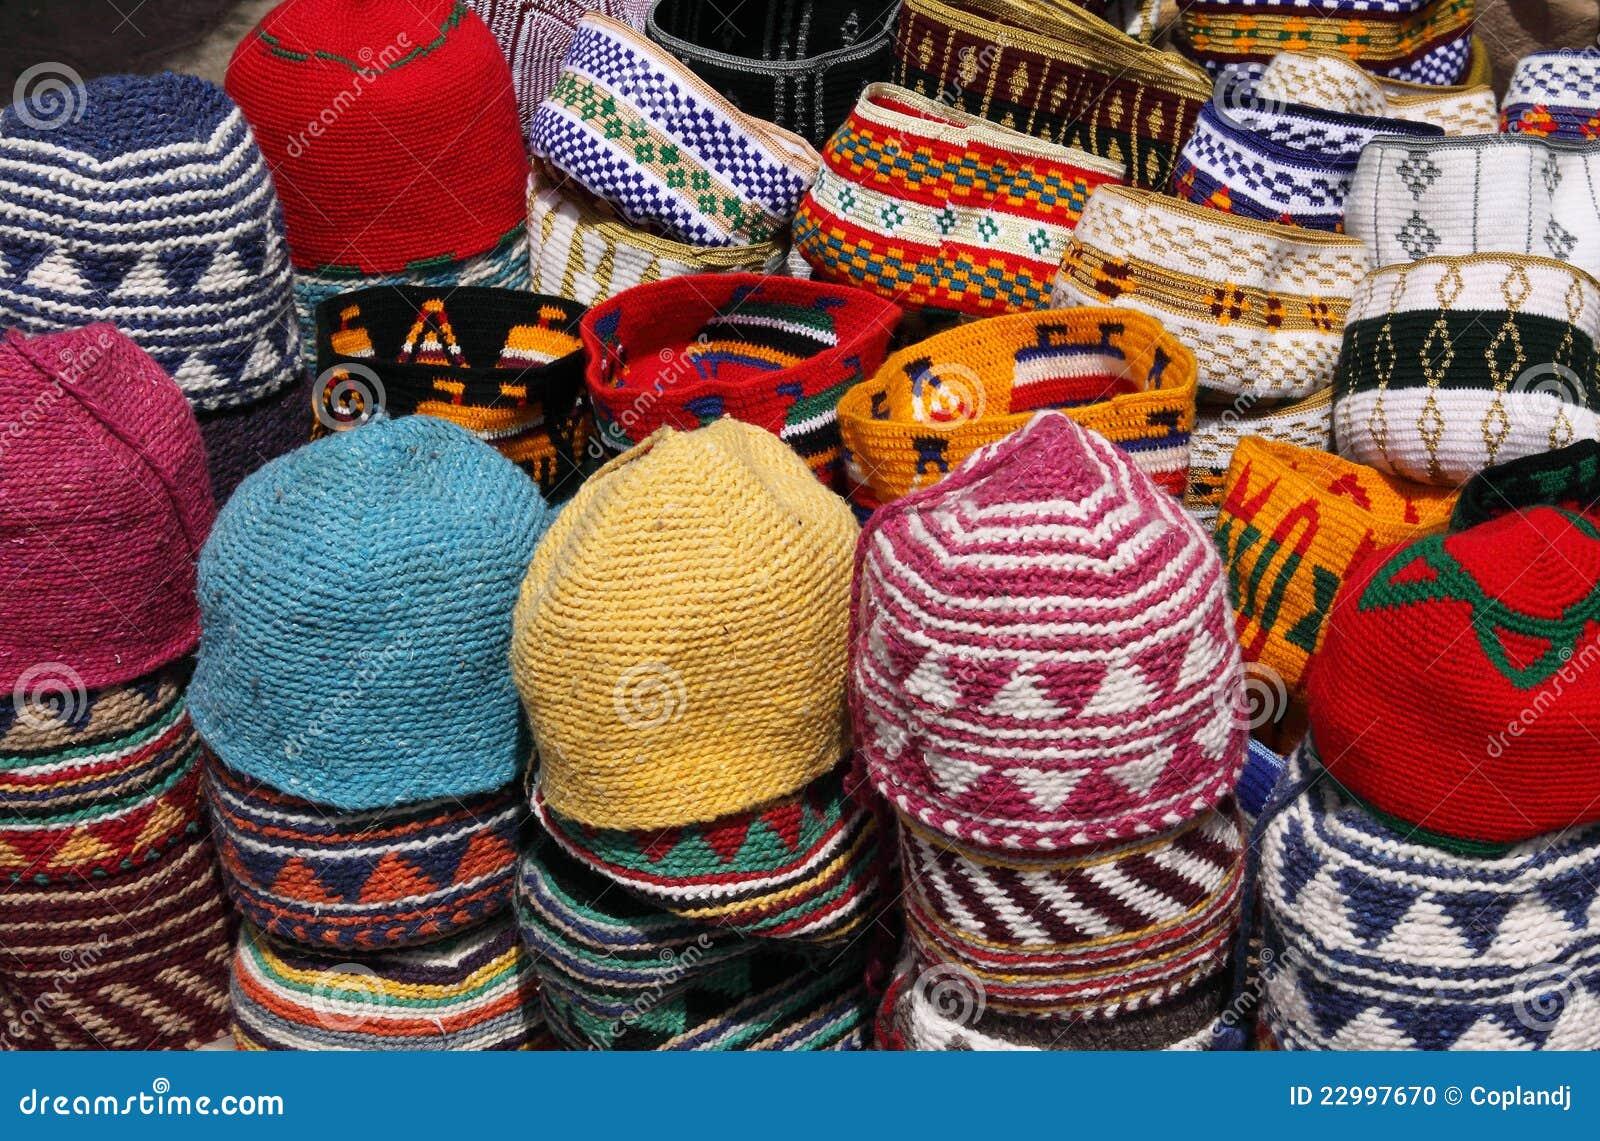 diseño encantador despeje amplia selección de colores y diseños Sombreros Marroquíes Hechos Punto Coloridos Foto de archivo ...